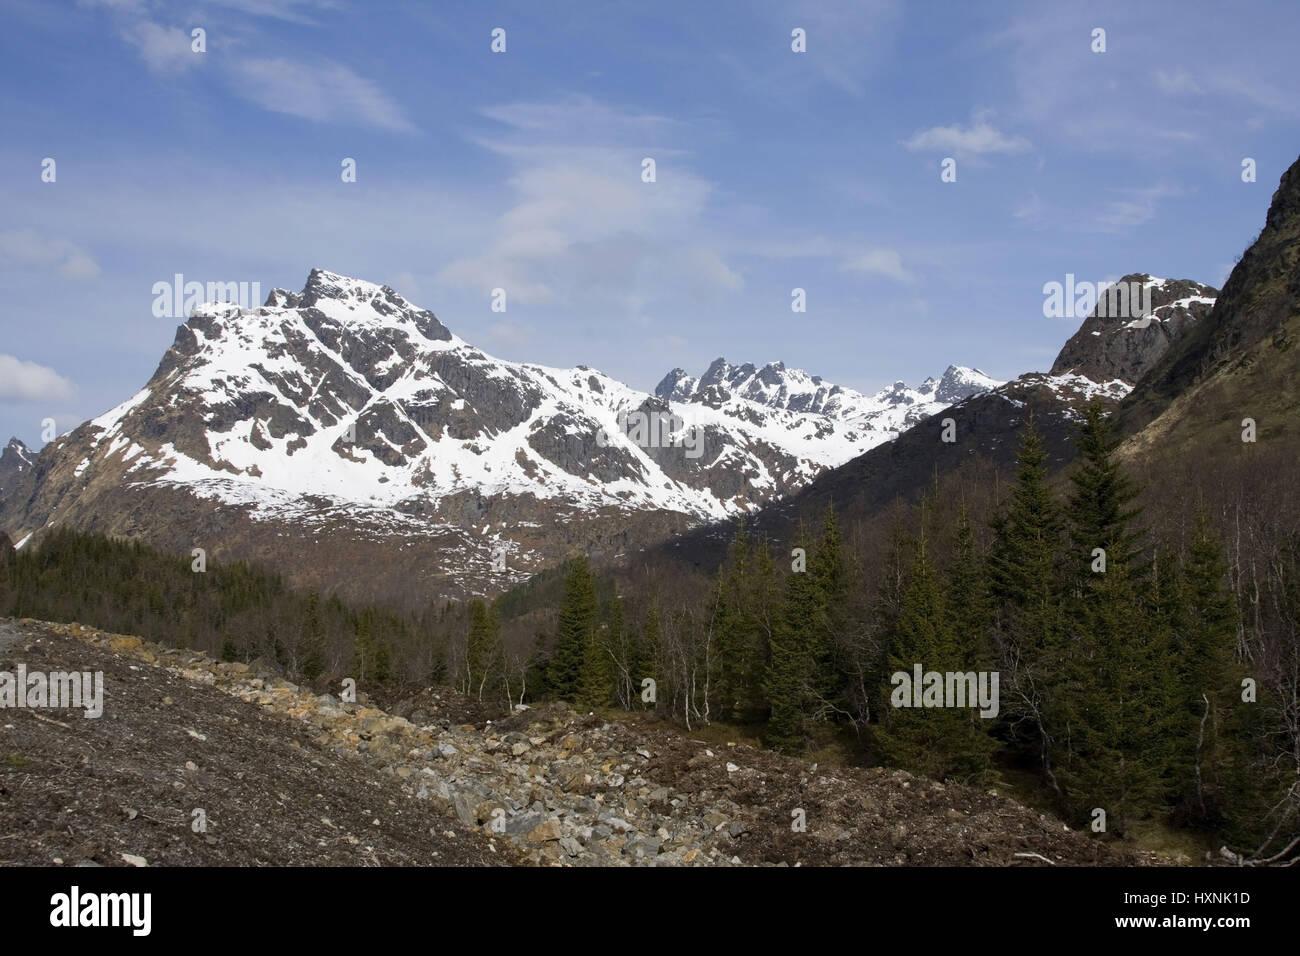 Snowy mountains in the spring, Lofoten, Schneebedeckte Berge im Fruehling - Stock Image